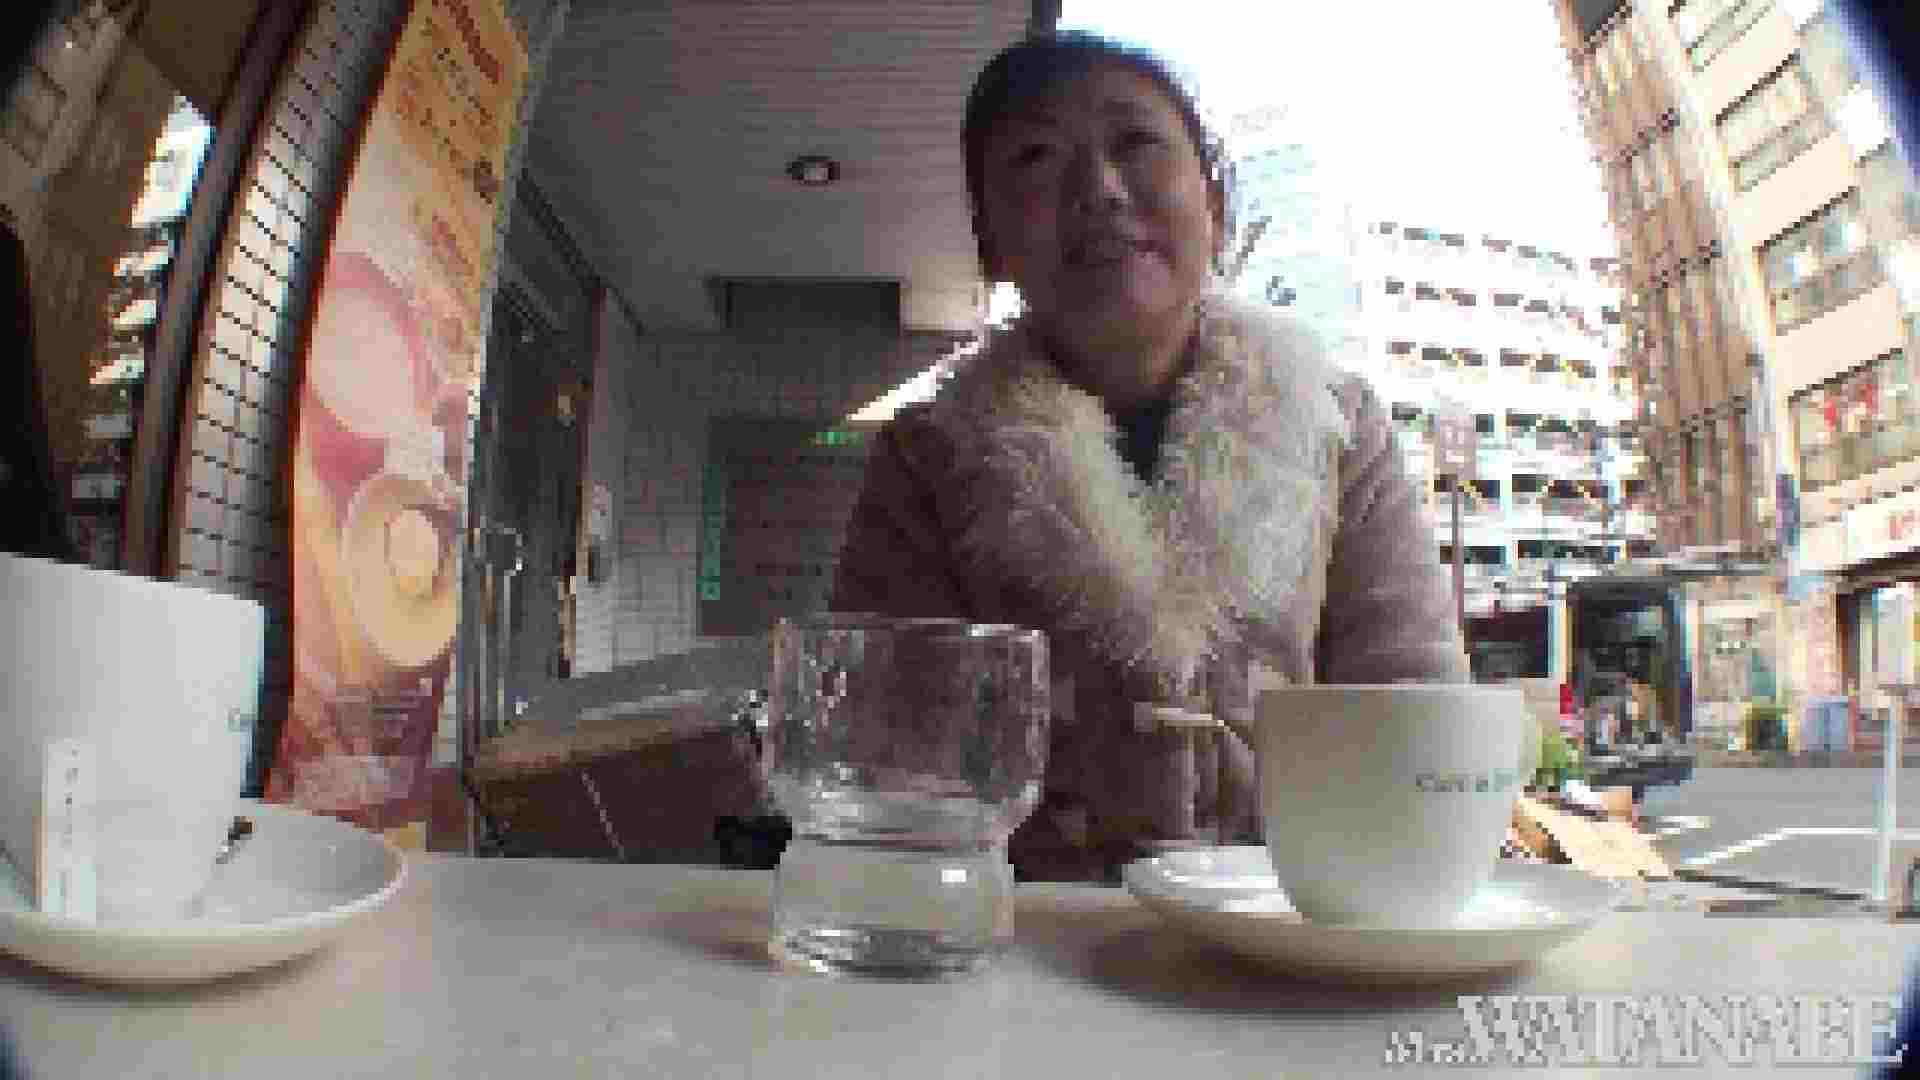 撮影スタッフを誘惑する痴熟女 かおり40歳 Vol.01 素人 | HなOL  67pic 59